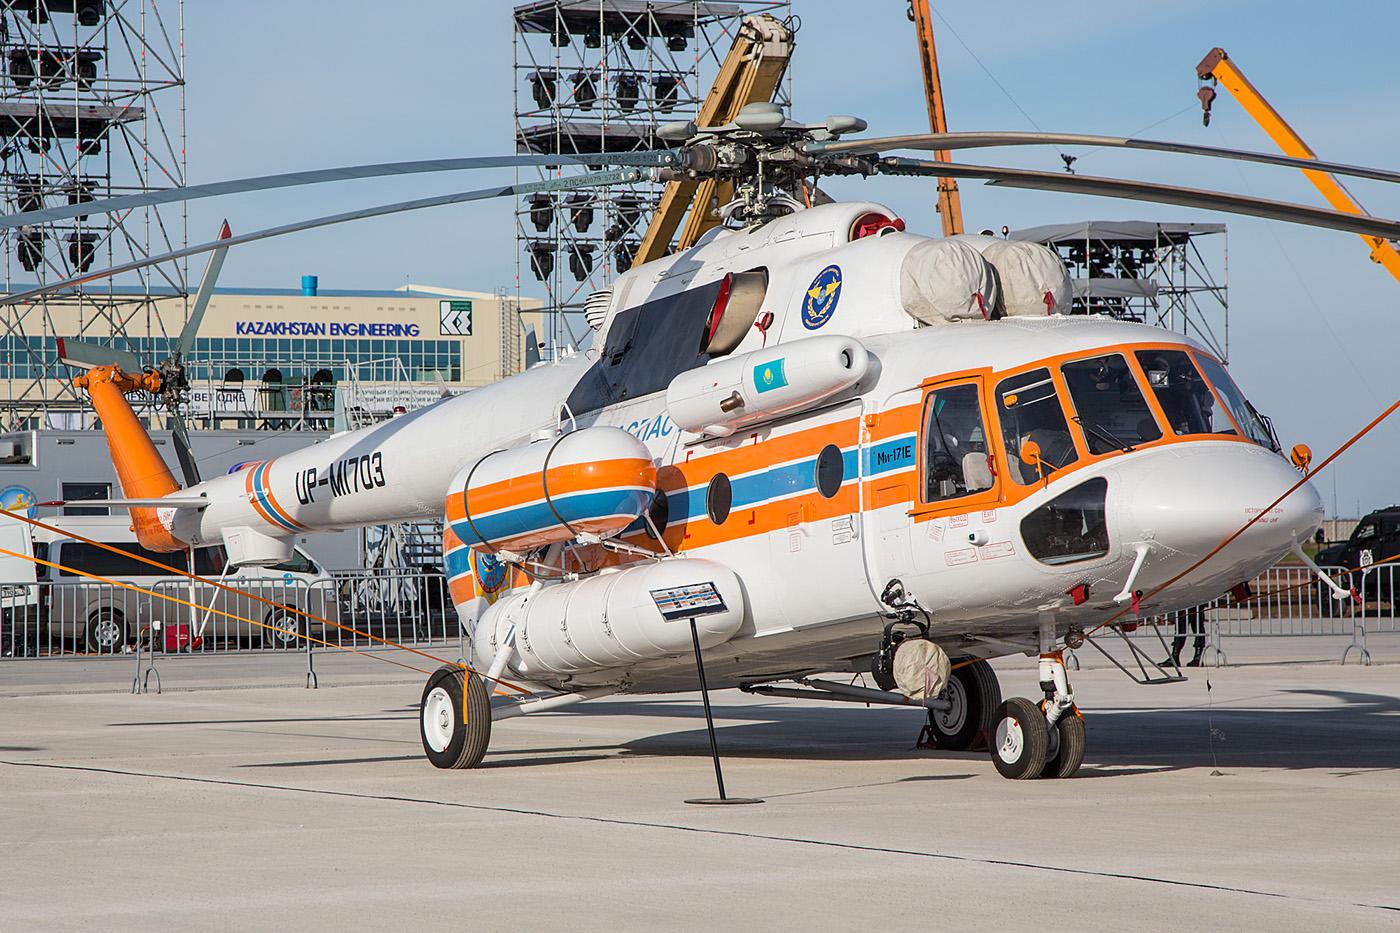 Diese Mi-171 stammt noch aus dem Werk in Ulan Ude, wie mir der Bordtechniker stolz erzählte.